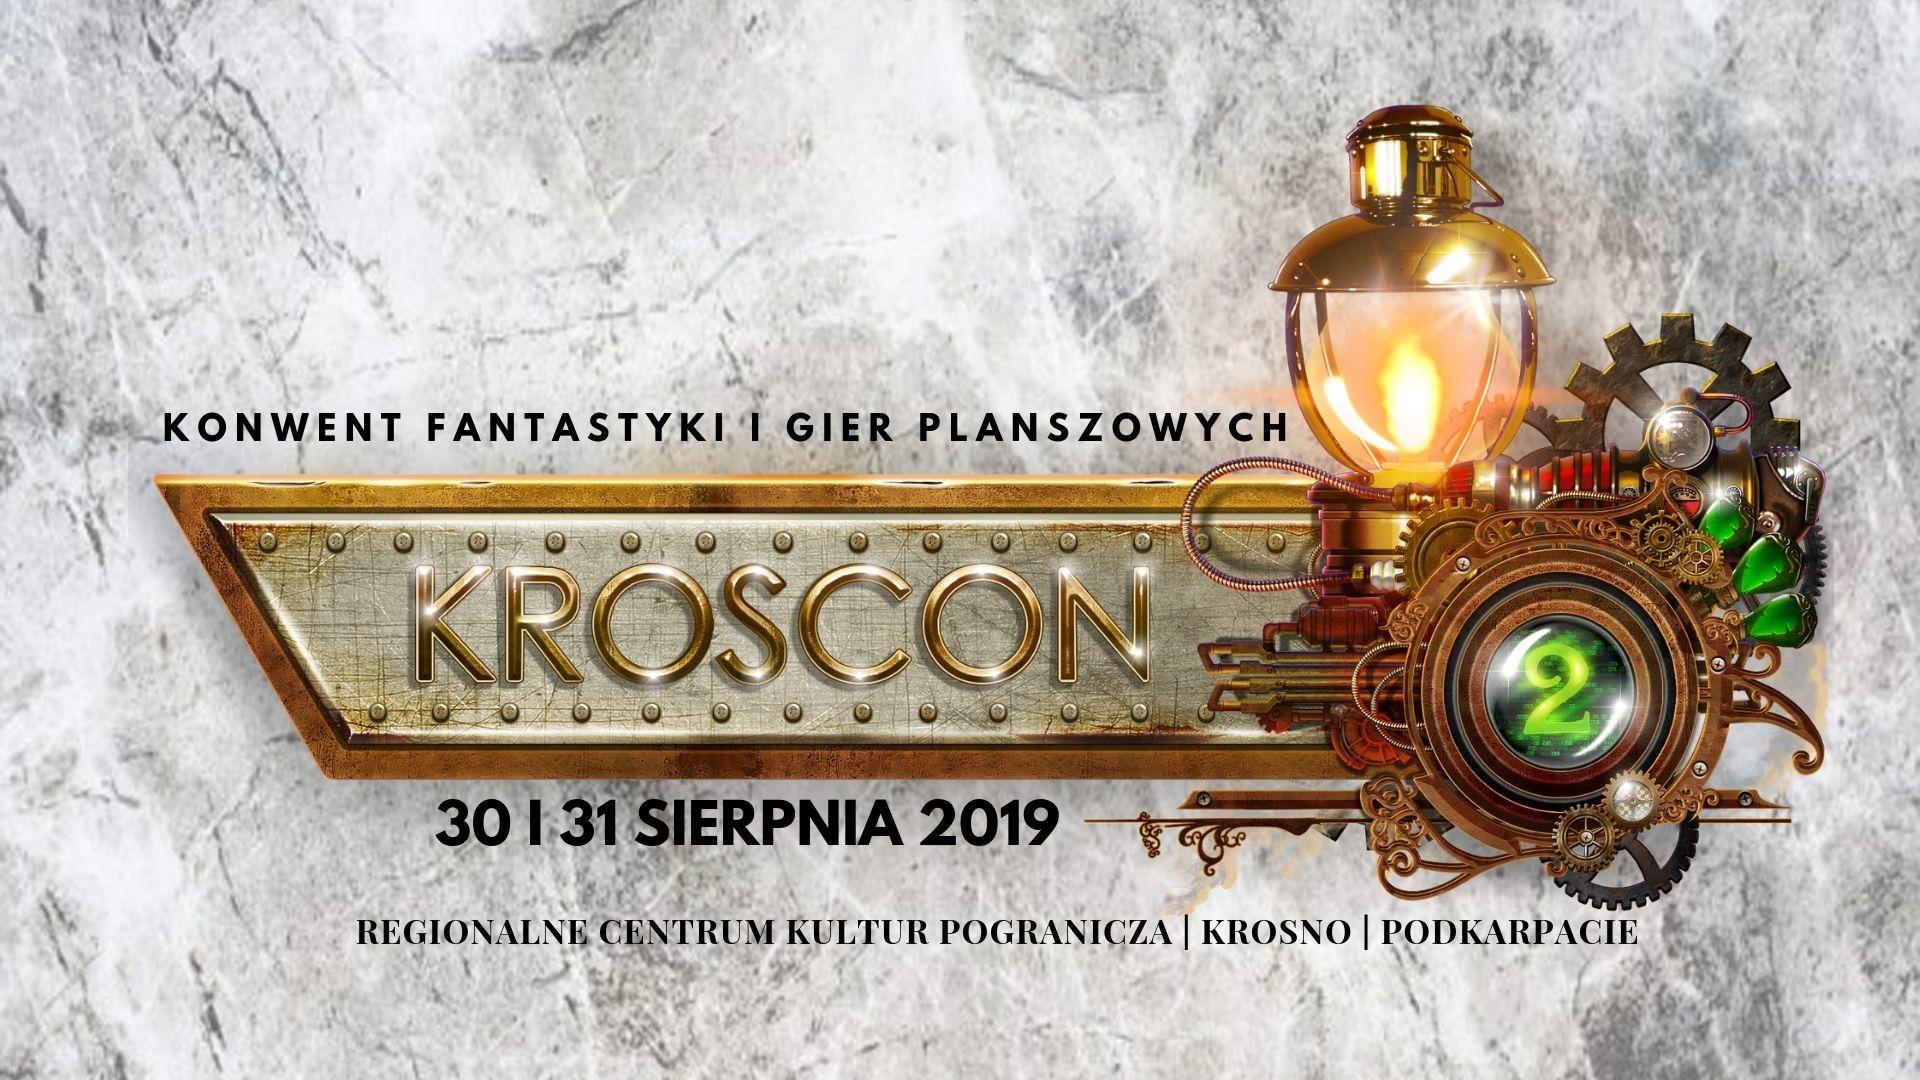 Konwent fantastyki i gier planszowych KrosCon - Zdjęcie główne